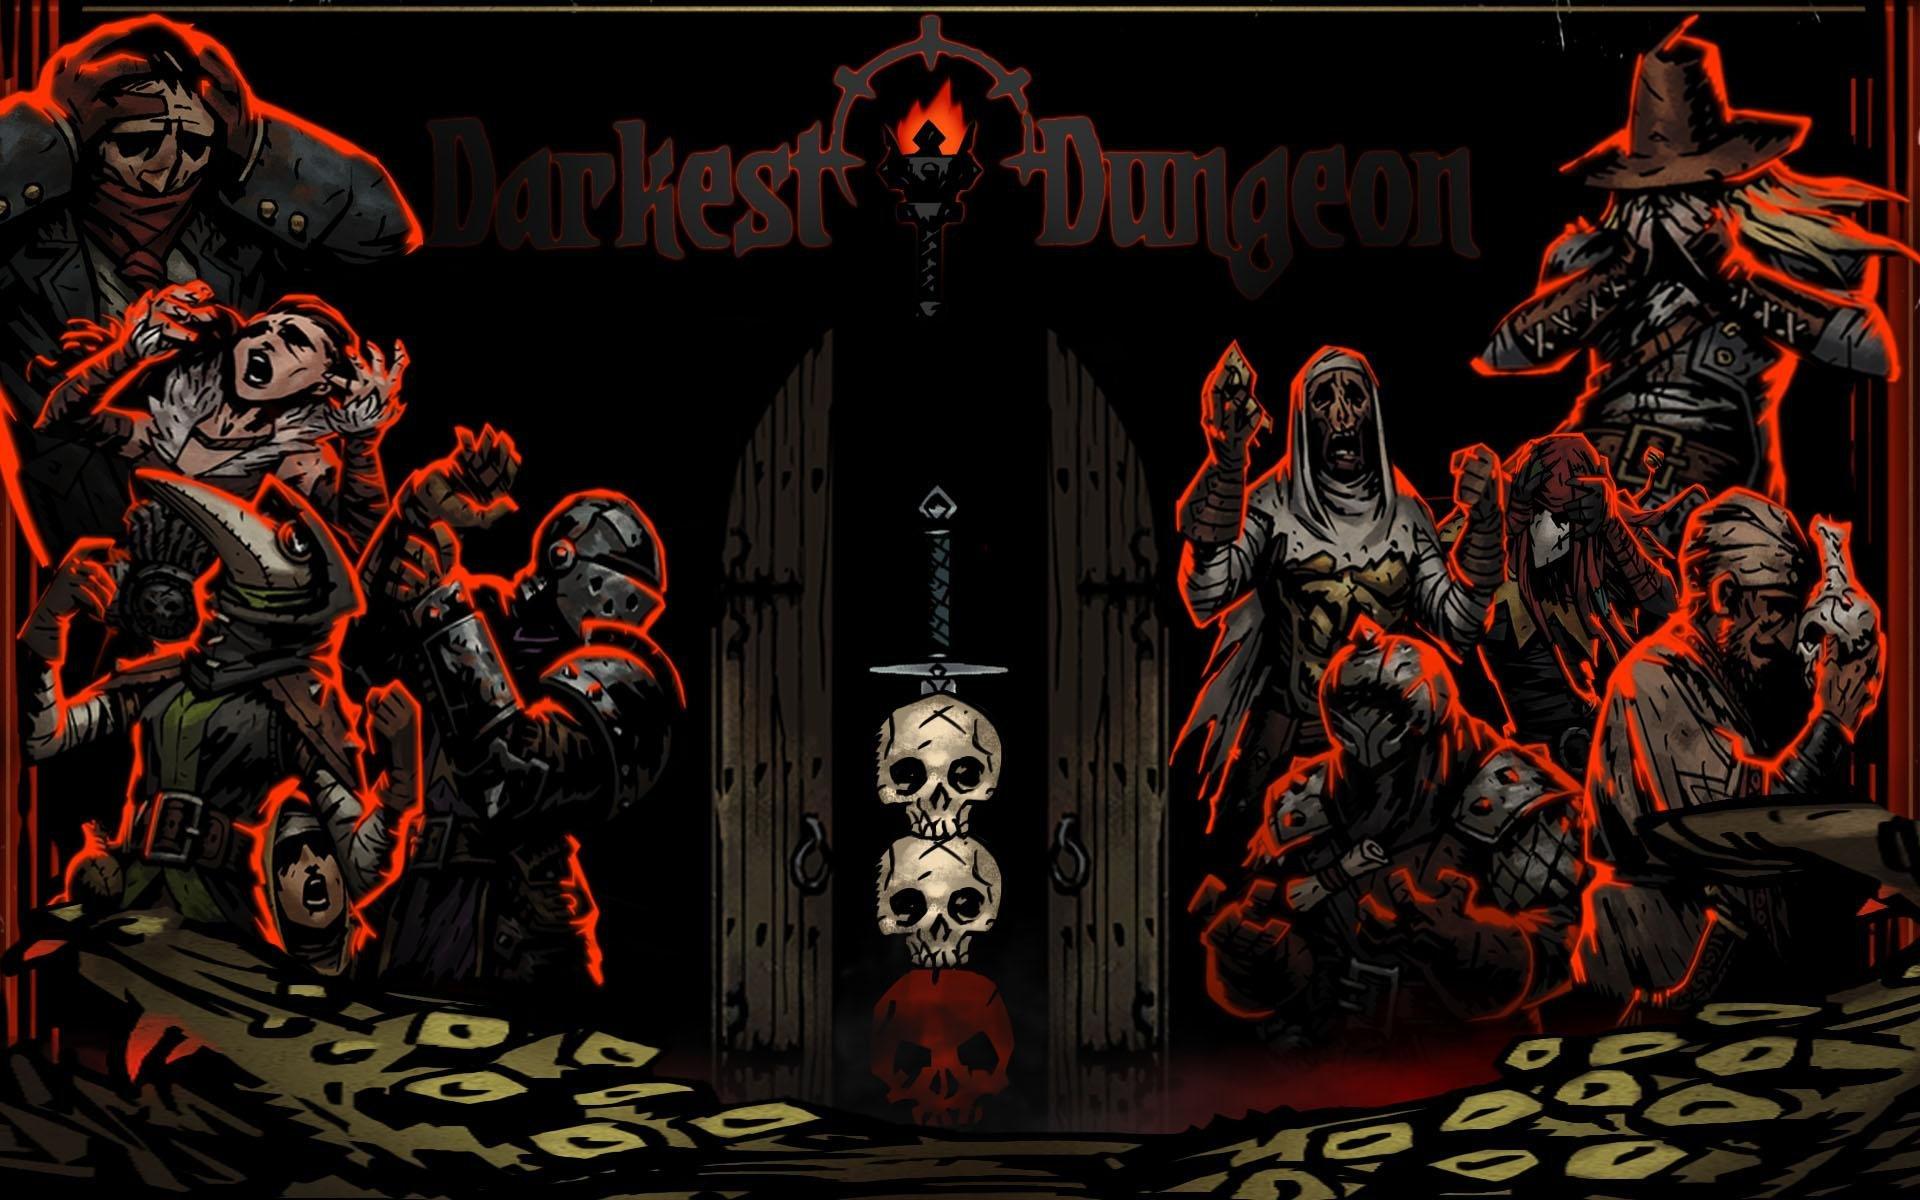 Darkest Dungeon Wallpaper Dump